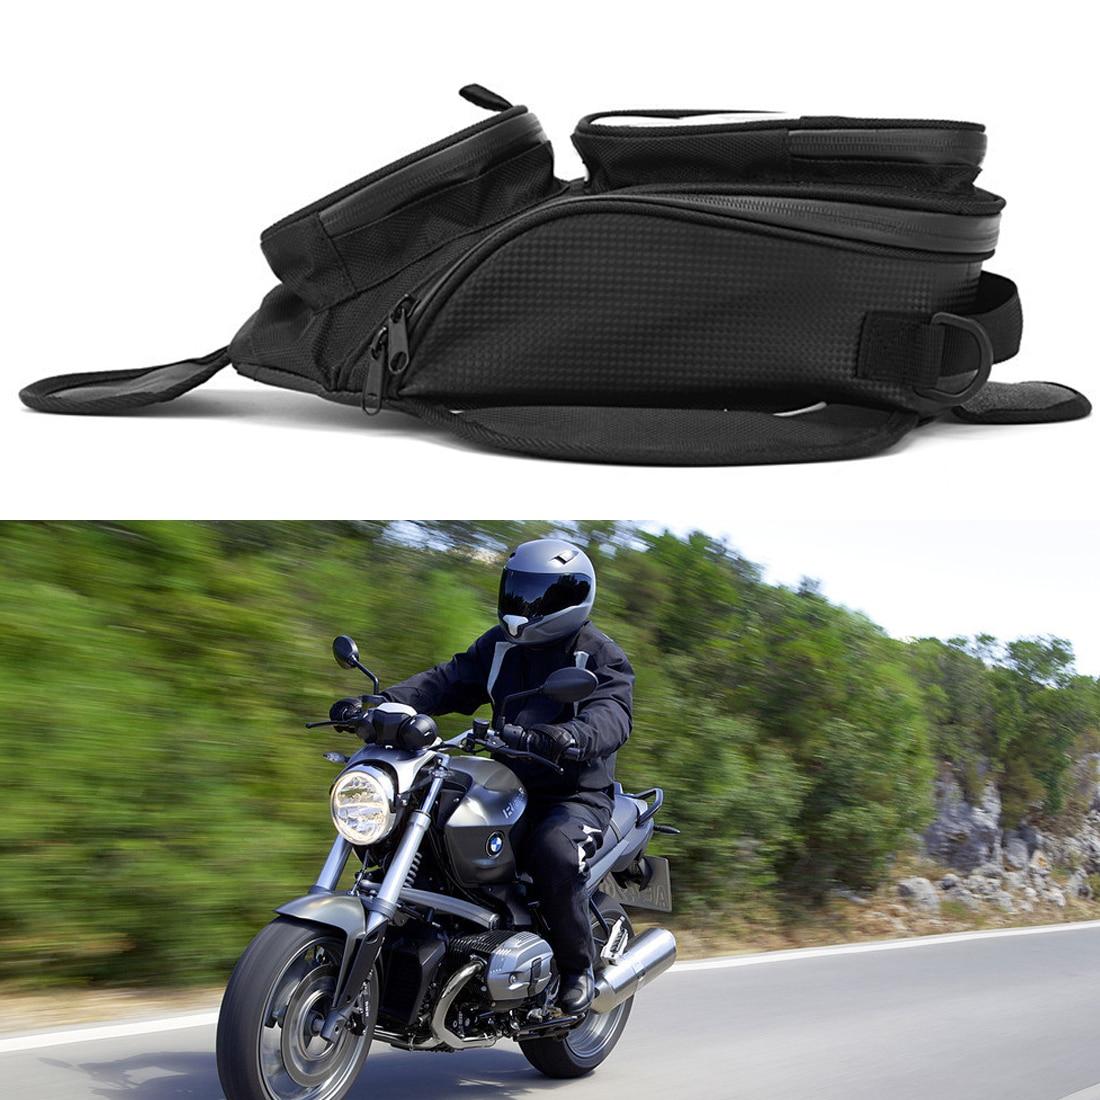 Dewtreetali nowy olej torba mocowana na zbiornik paliwa magnetyczny motocykl motocykl torba mocowana na zbiornik paliwa torebka podsiodłowa w/większe okno akcesoria